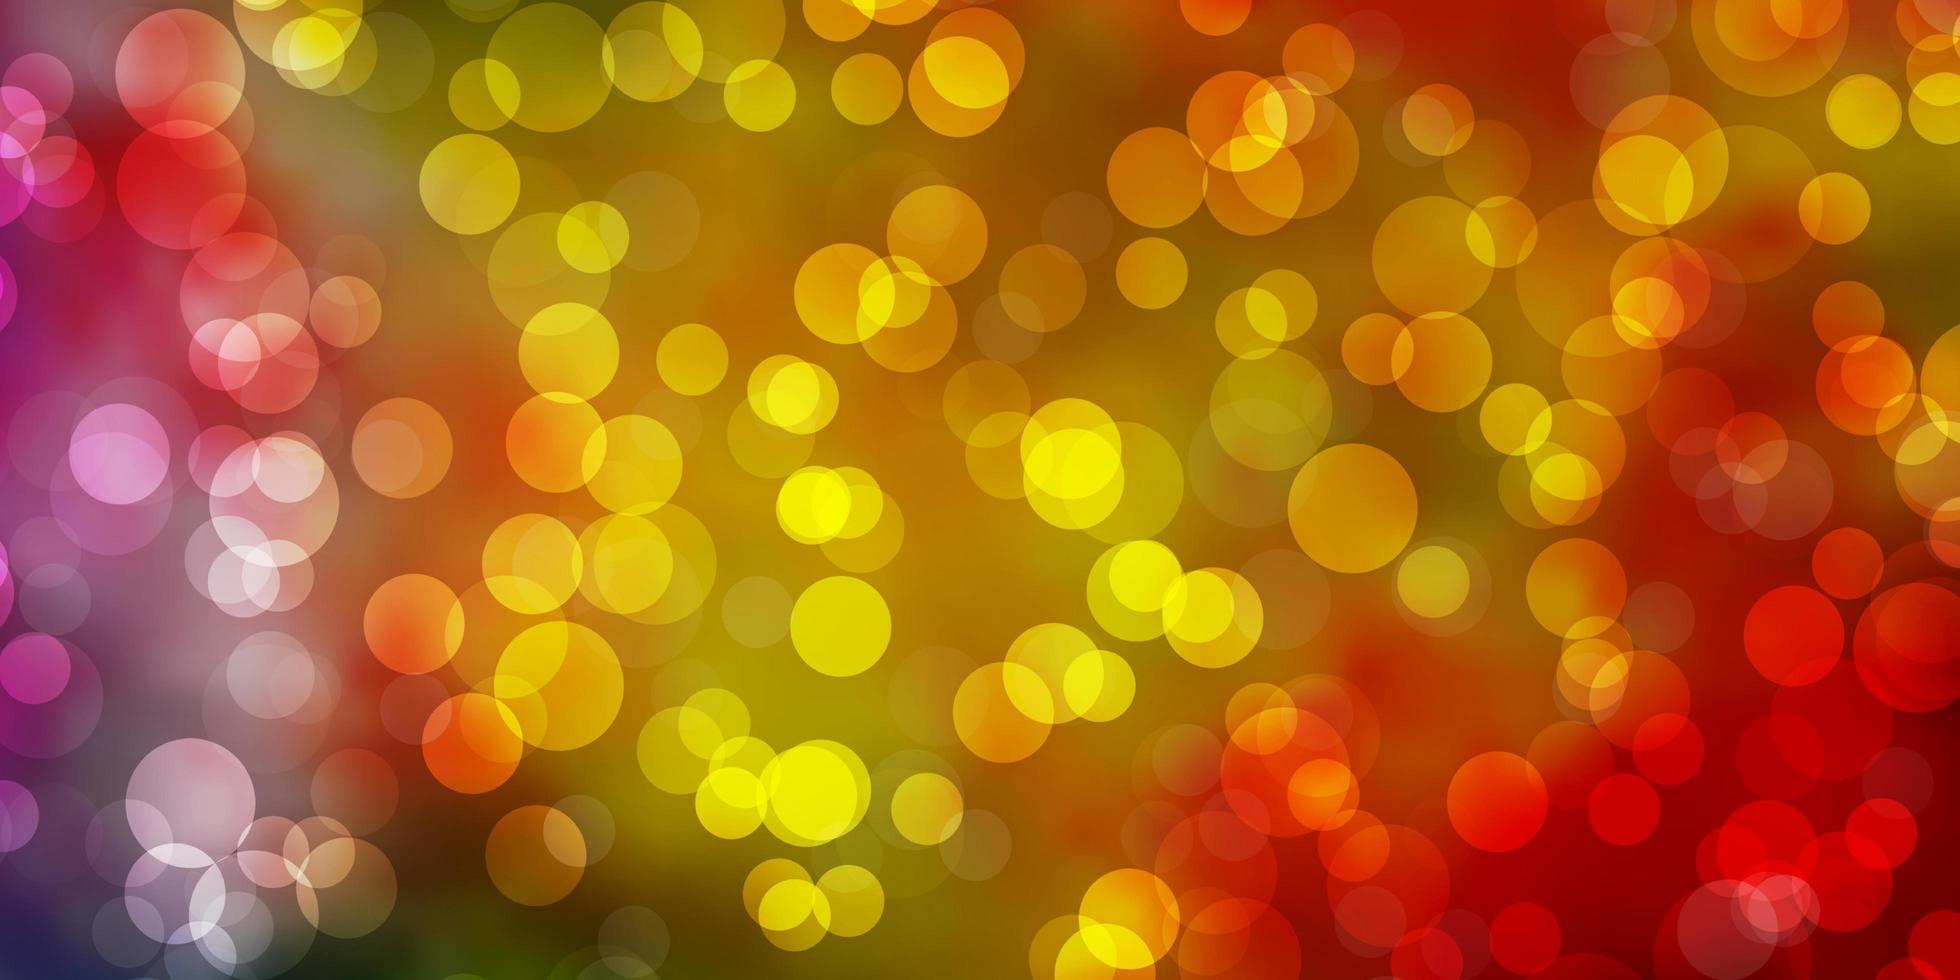 sfondo multicolore con cerchi. vettore